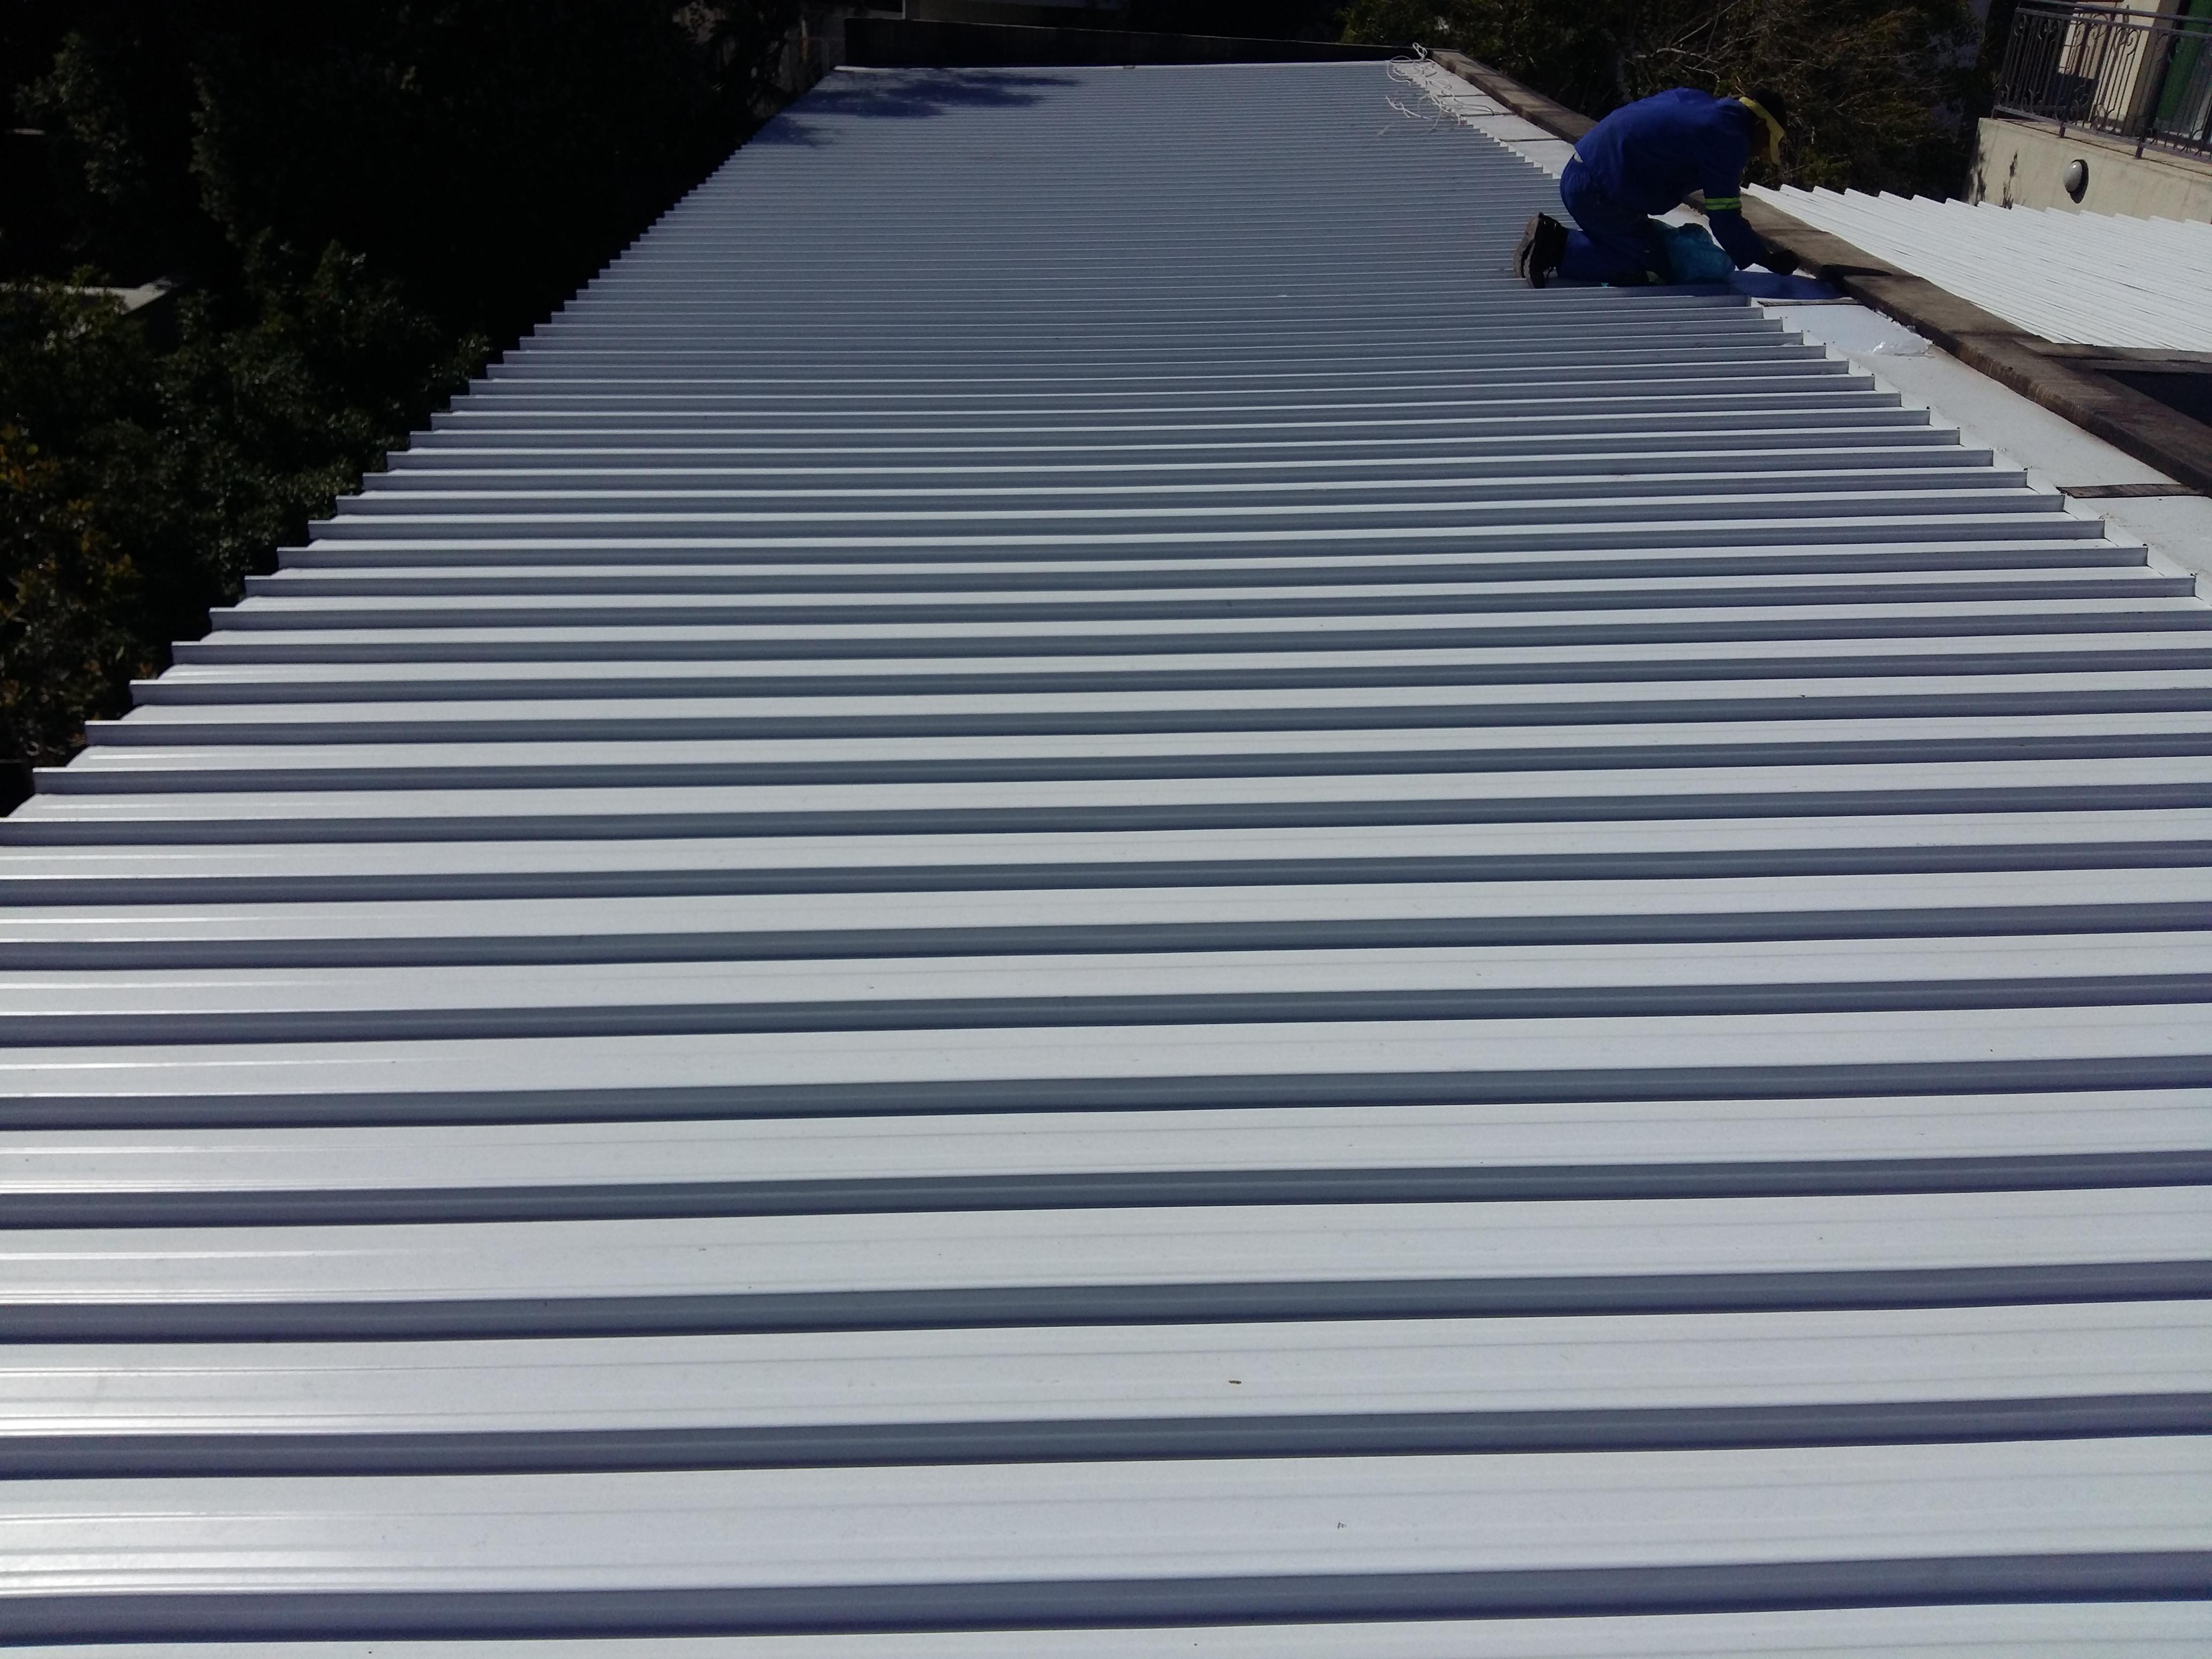 Diamondek 407 2 - Coastal Roofing AZ 200